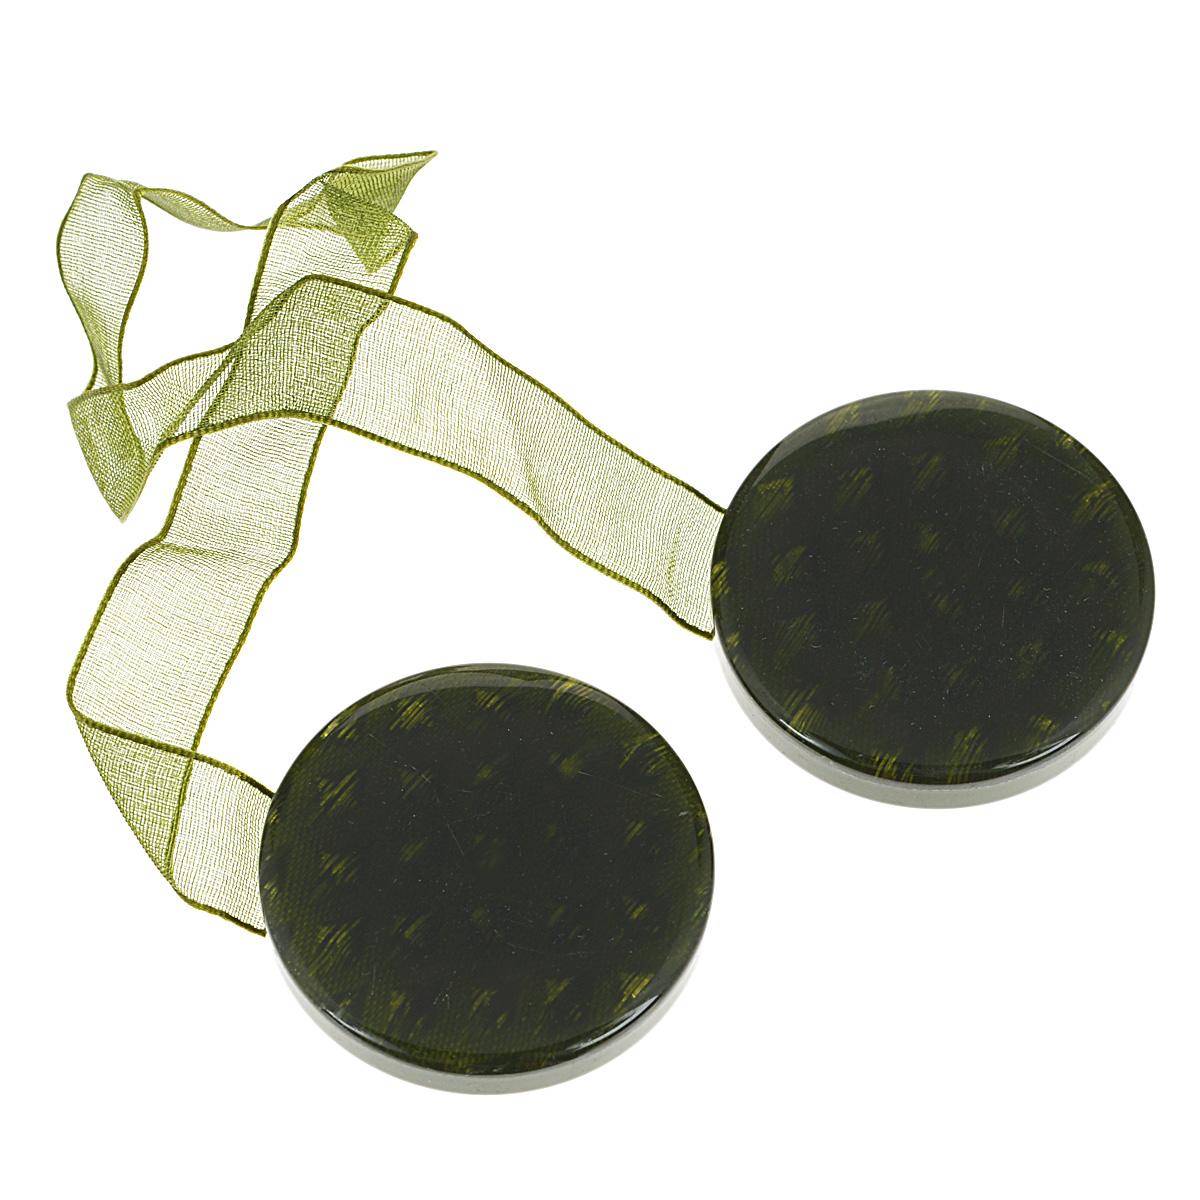 Клипса-магнит для штор Calamita Fiore, цвет: зеленый. 7704005_7817704005_781Клипса-магнит Calamita Fiore, изготовленная из пластика, предназначена для придания формы шторам. Изделие представляет собой два магнита круглой формы, расположенные на разных концах текстильной ленты. С помощью такой магнитной клипсы можно зафиксировать портьеры, придать им требуемое положение, сделать складки симметричными или приблизить портьеры, скрепить их. Клипсы для штор являются универсальным изделием, которое превосходно подойдет как для штор в детской комнате, так и для штор в гостиной. Следует отметить, что клипсы для штор выполняют не только практическую функцию, но также являются одной из основных деталей декора этого изделия, которая придает шторам восхитительный, стильный внешний вид. Материал: полиэстер, пластик, магнит. Диаметр клипсы: 4 см. Длина ленты: 28 см.